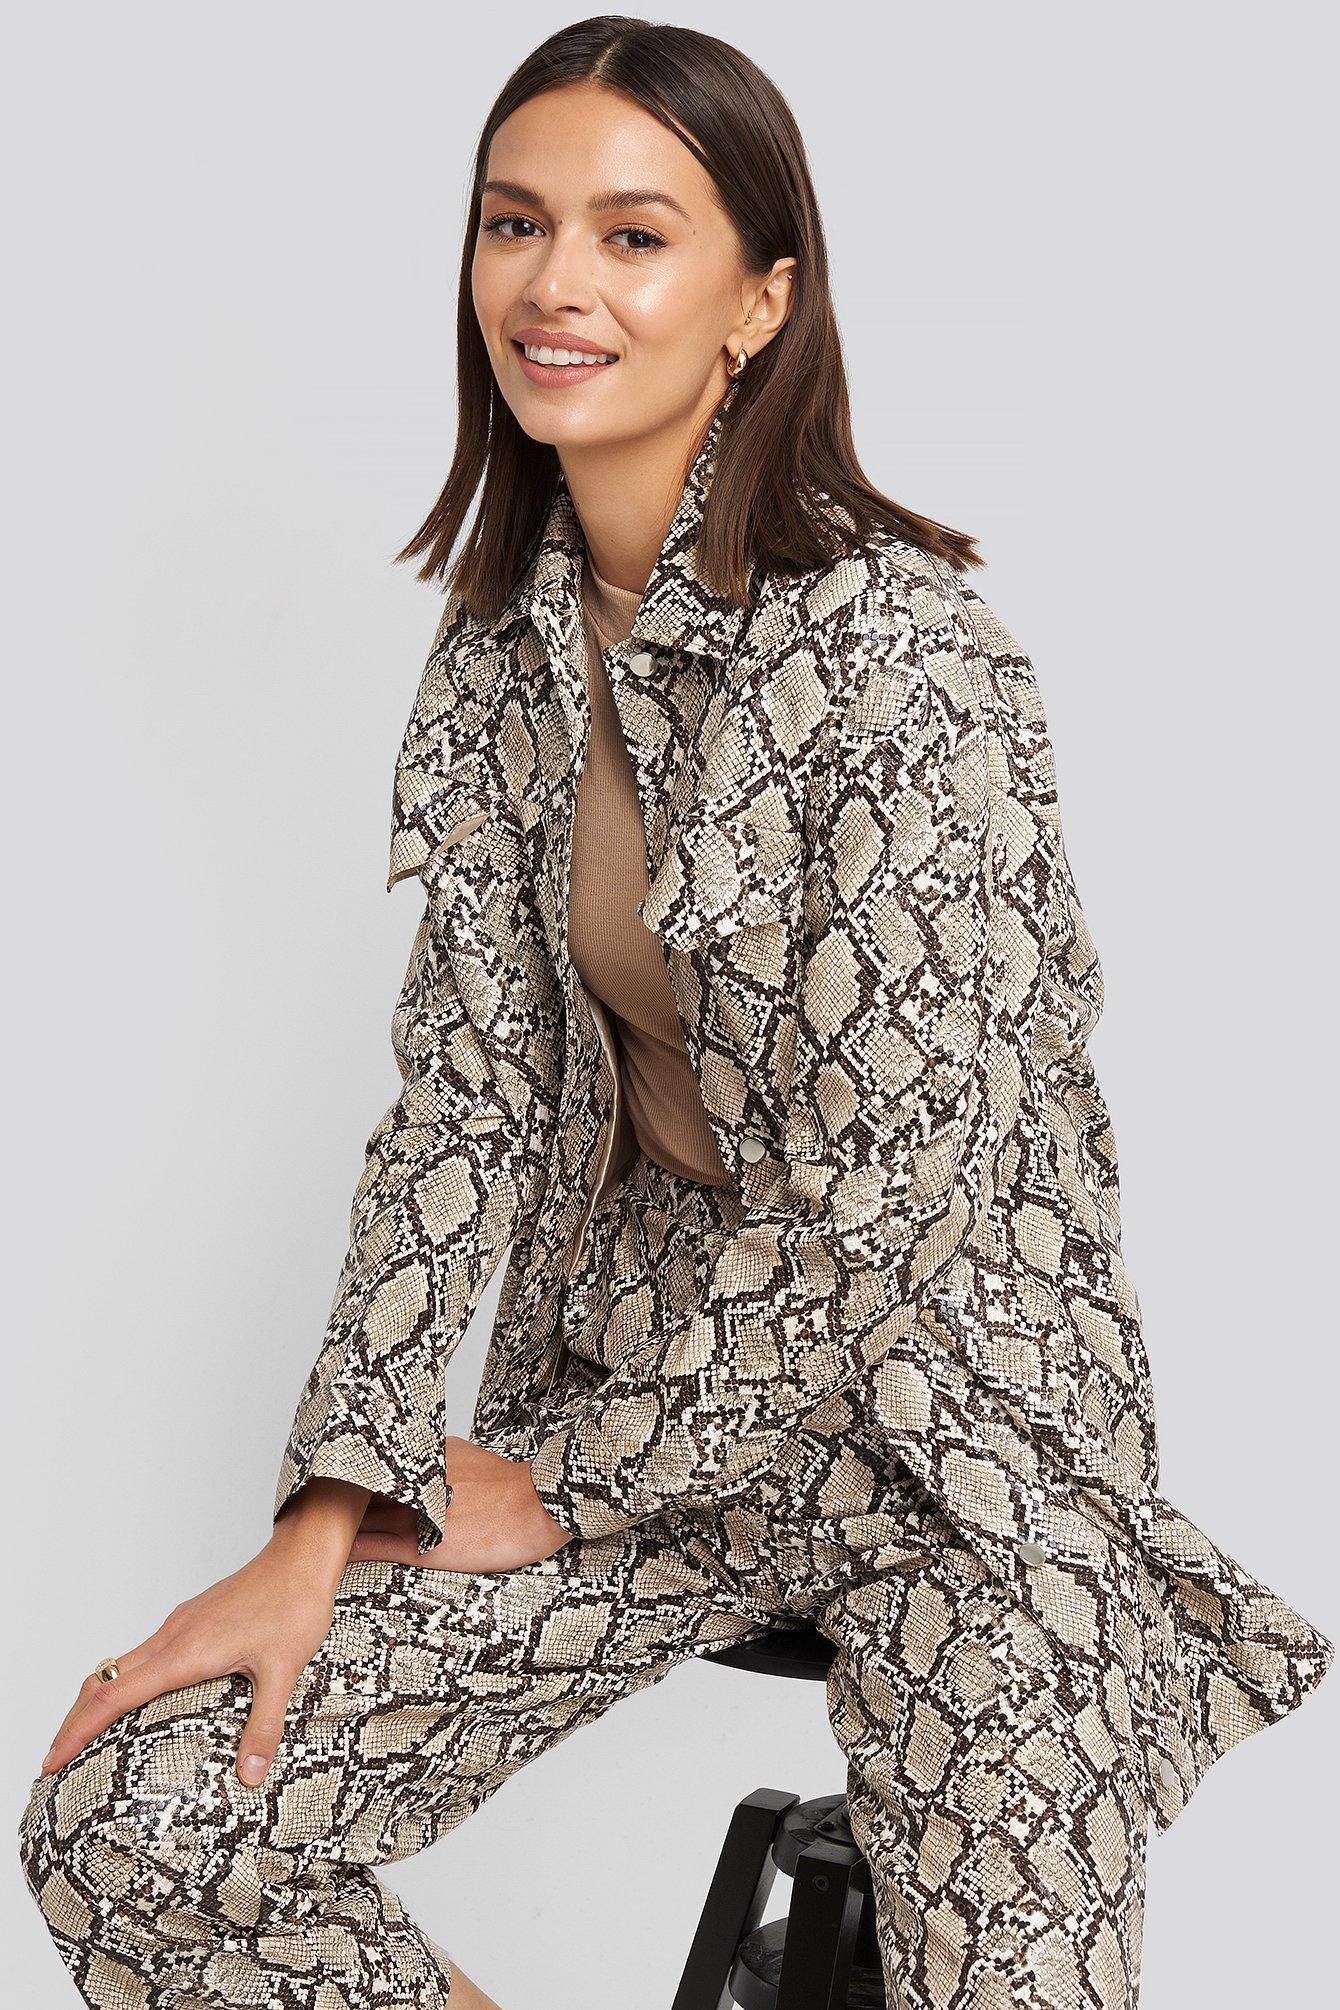 na-kd trend -  Snake Printed Shirt Jacket - Beige,Multicolor